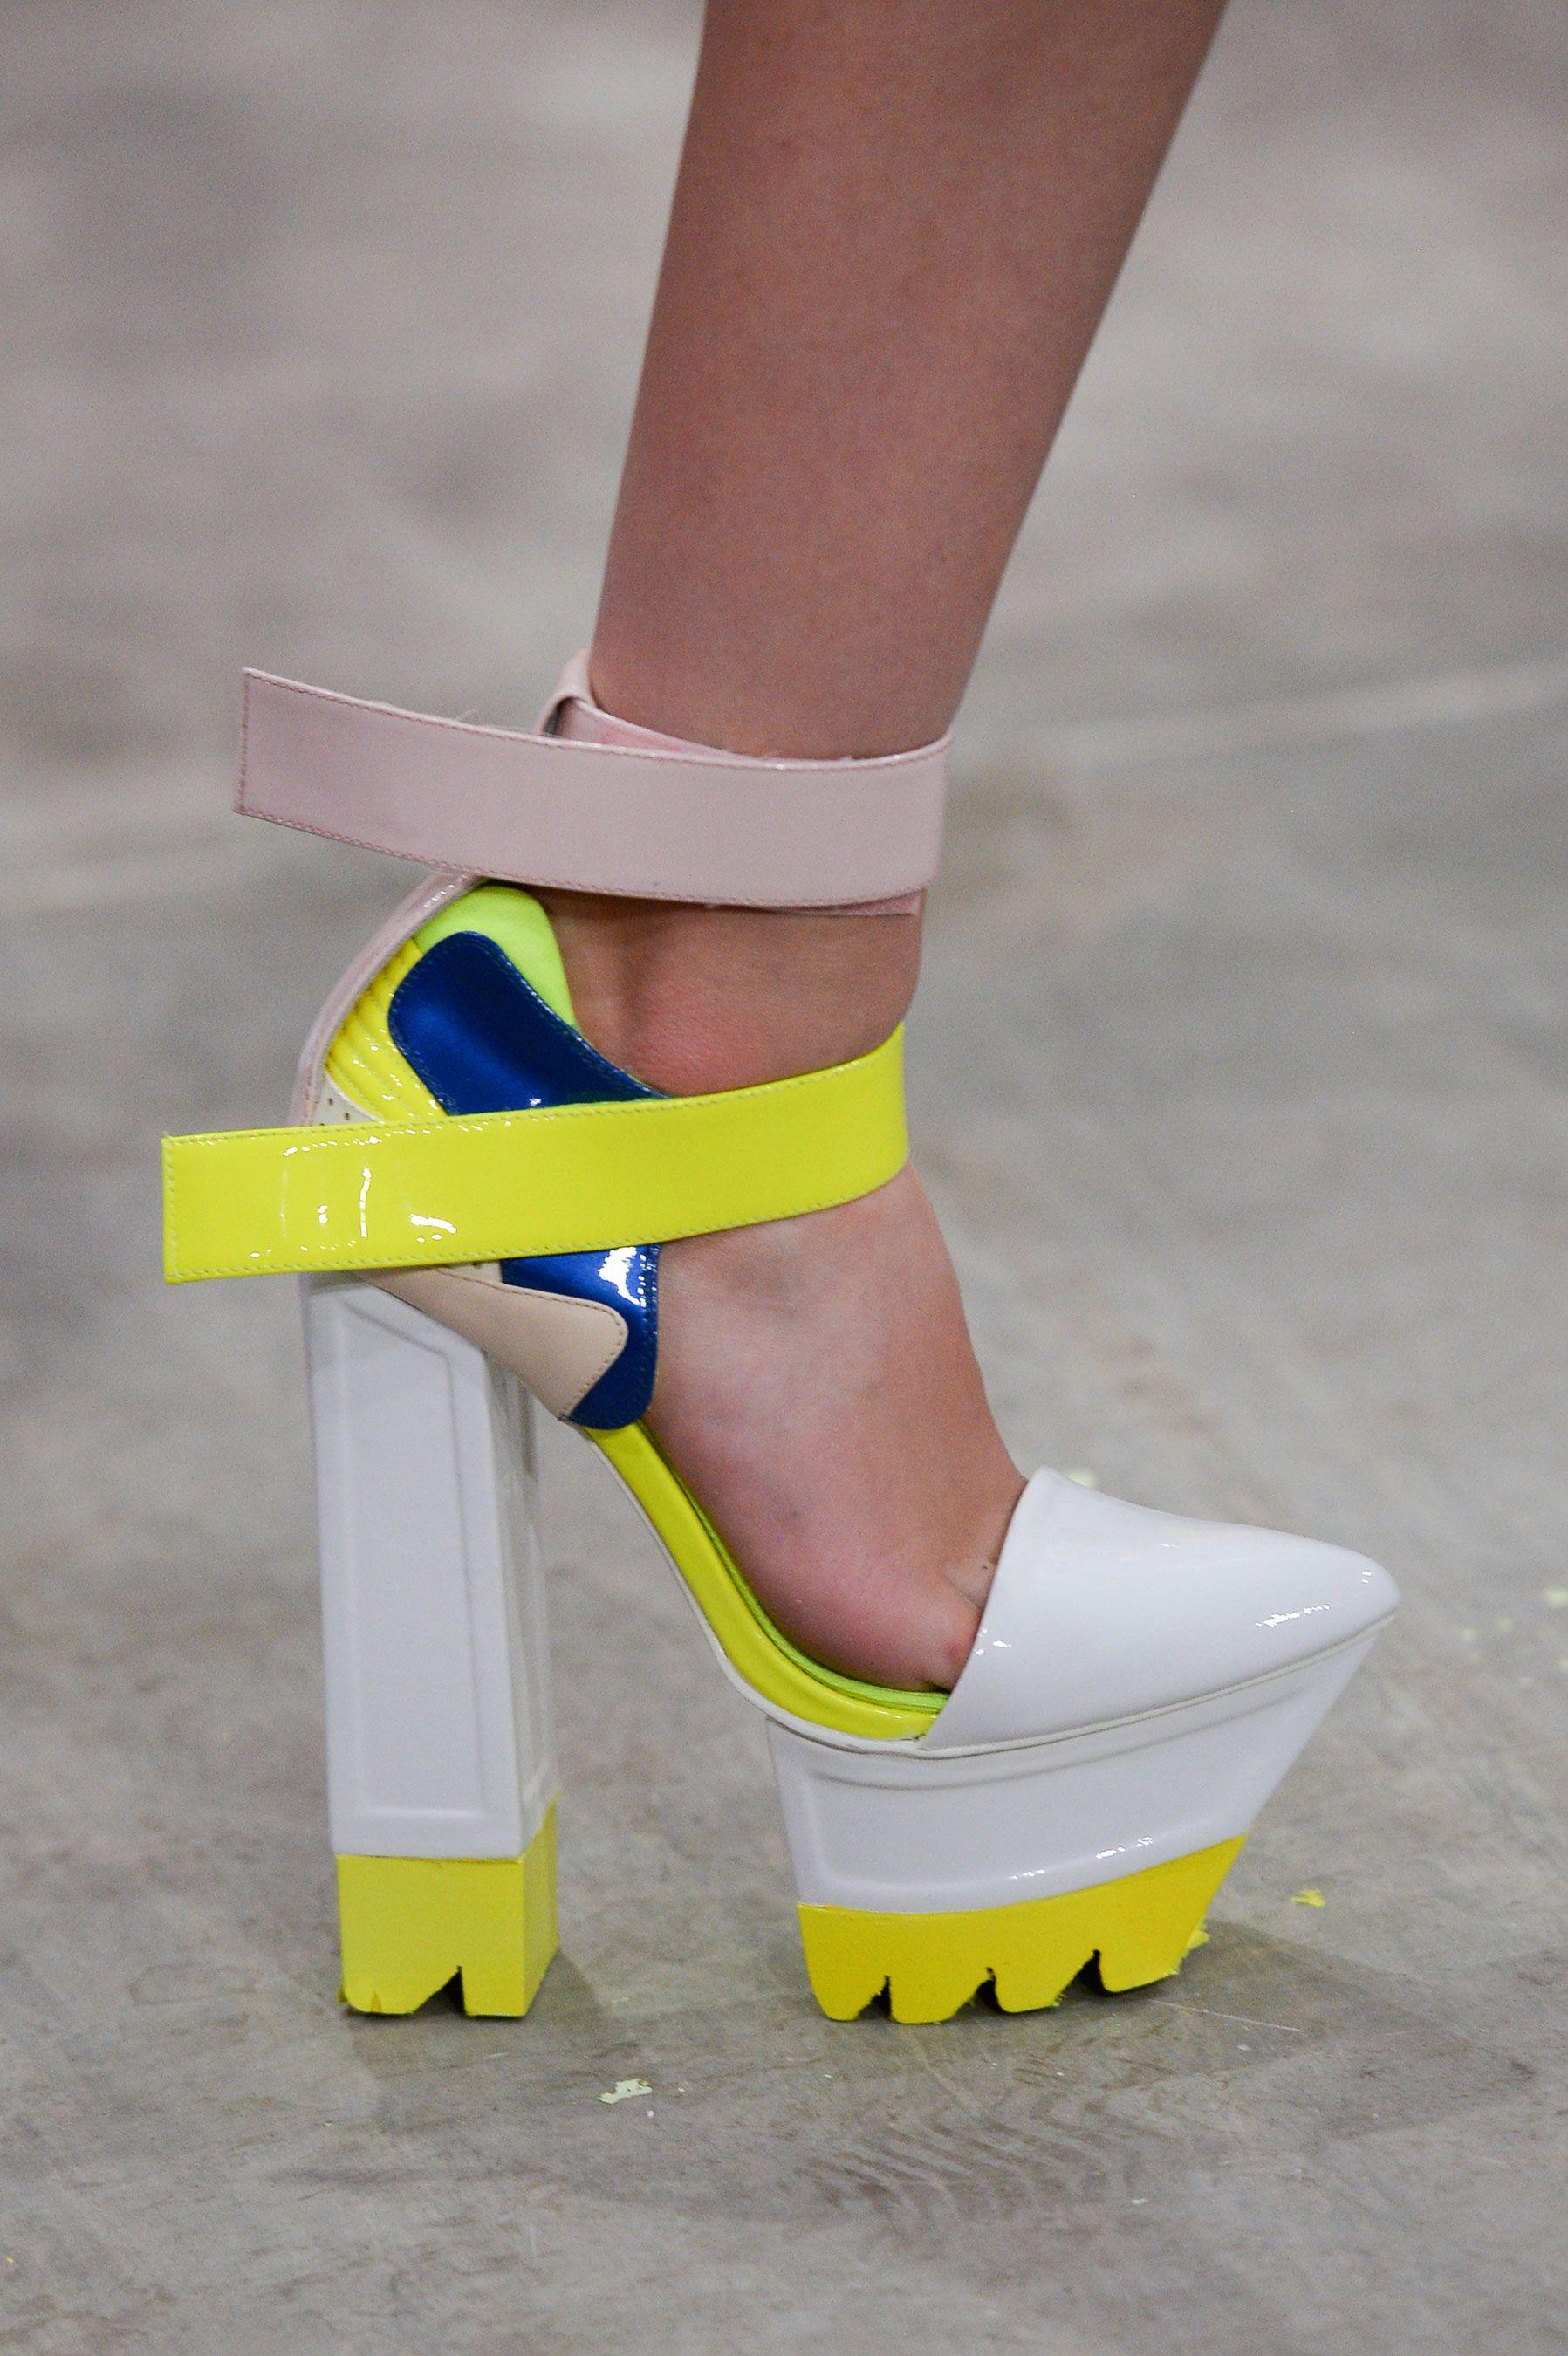 2015 Golan Chaussure Rtw Fyodor Fashion ShowChaussures Spring LpGSzMqUV